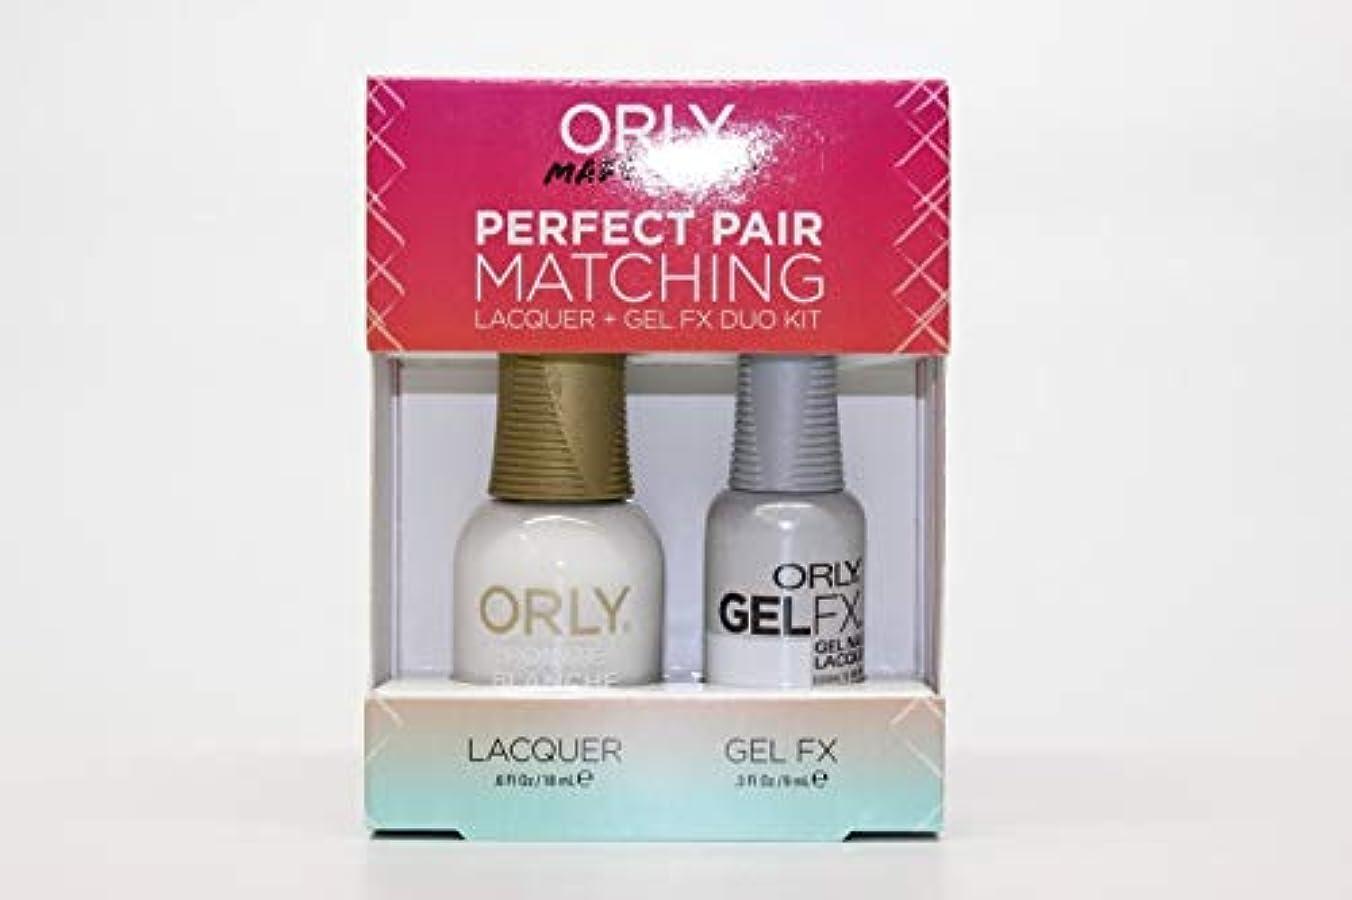 豊富な兵器庫英語の授業がありますOrly - Perfect Pair Matching Lacquer+Gel FX Kit - Pointe Blanche - 0.6 oz / 0.3 oz